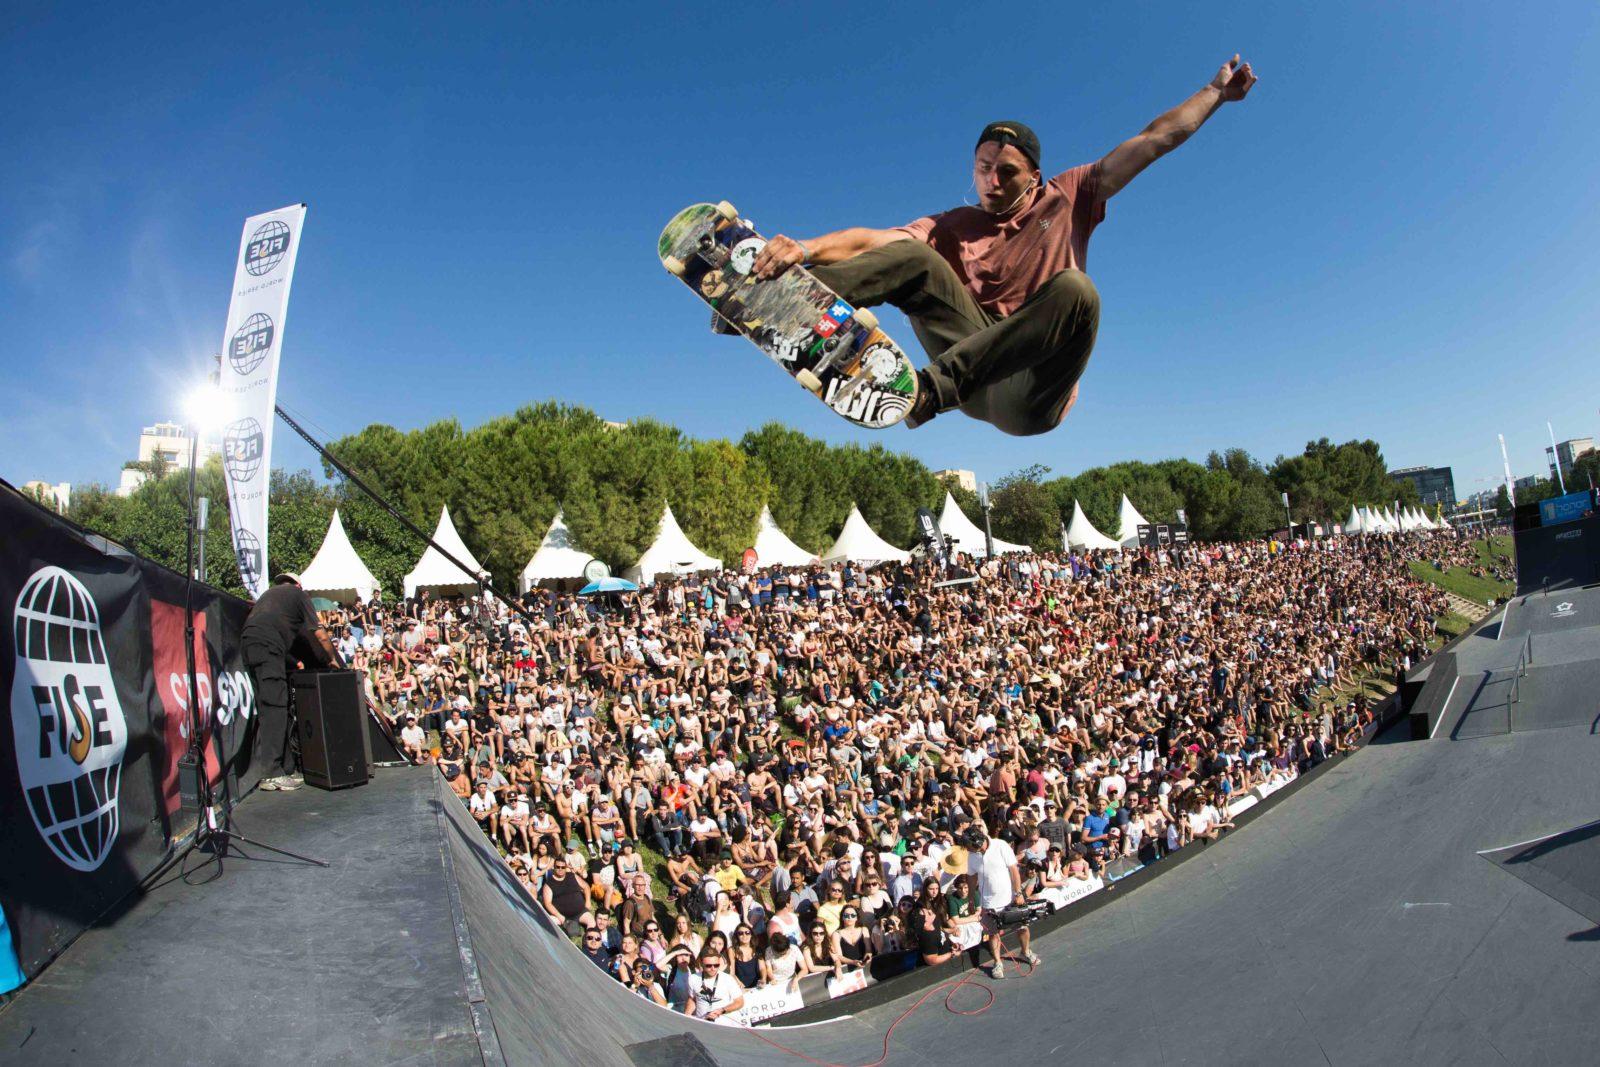 FISEMontpellier2017SkateboardStreet - Bmx, skate, wake... : rendez-vous au Fise pour supporter les meilleurs riders internationaux